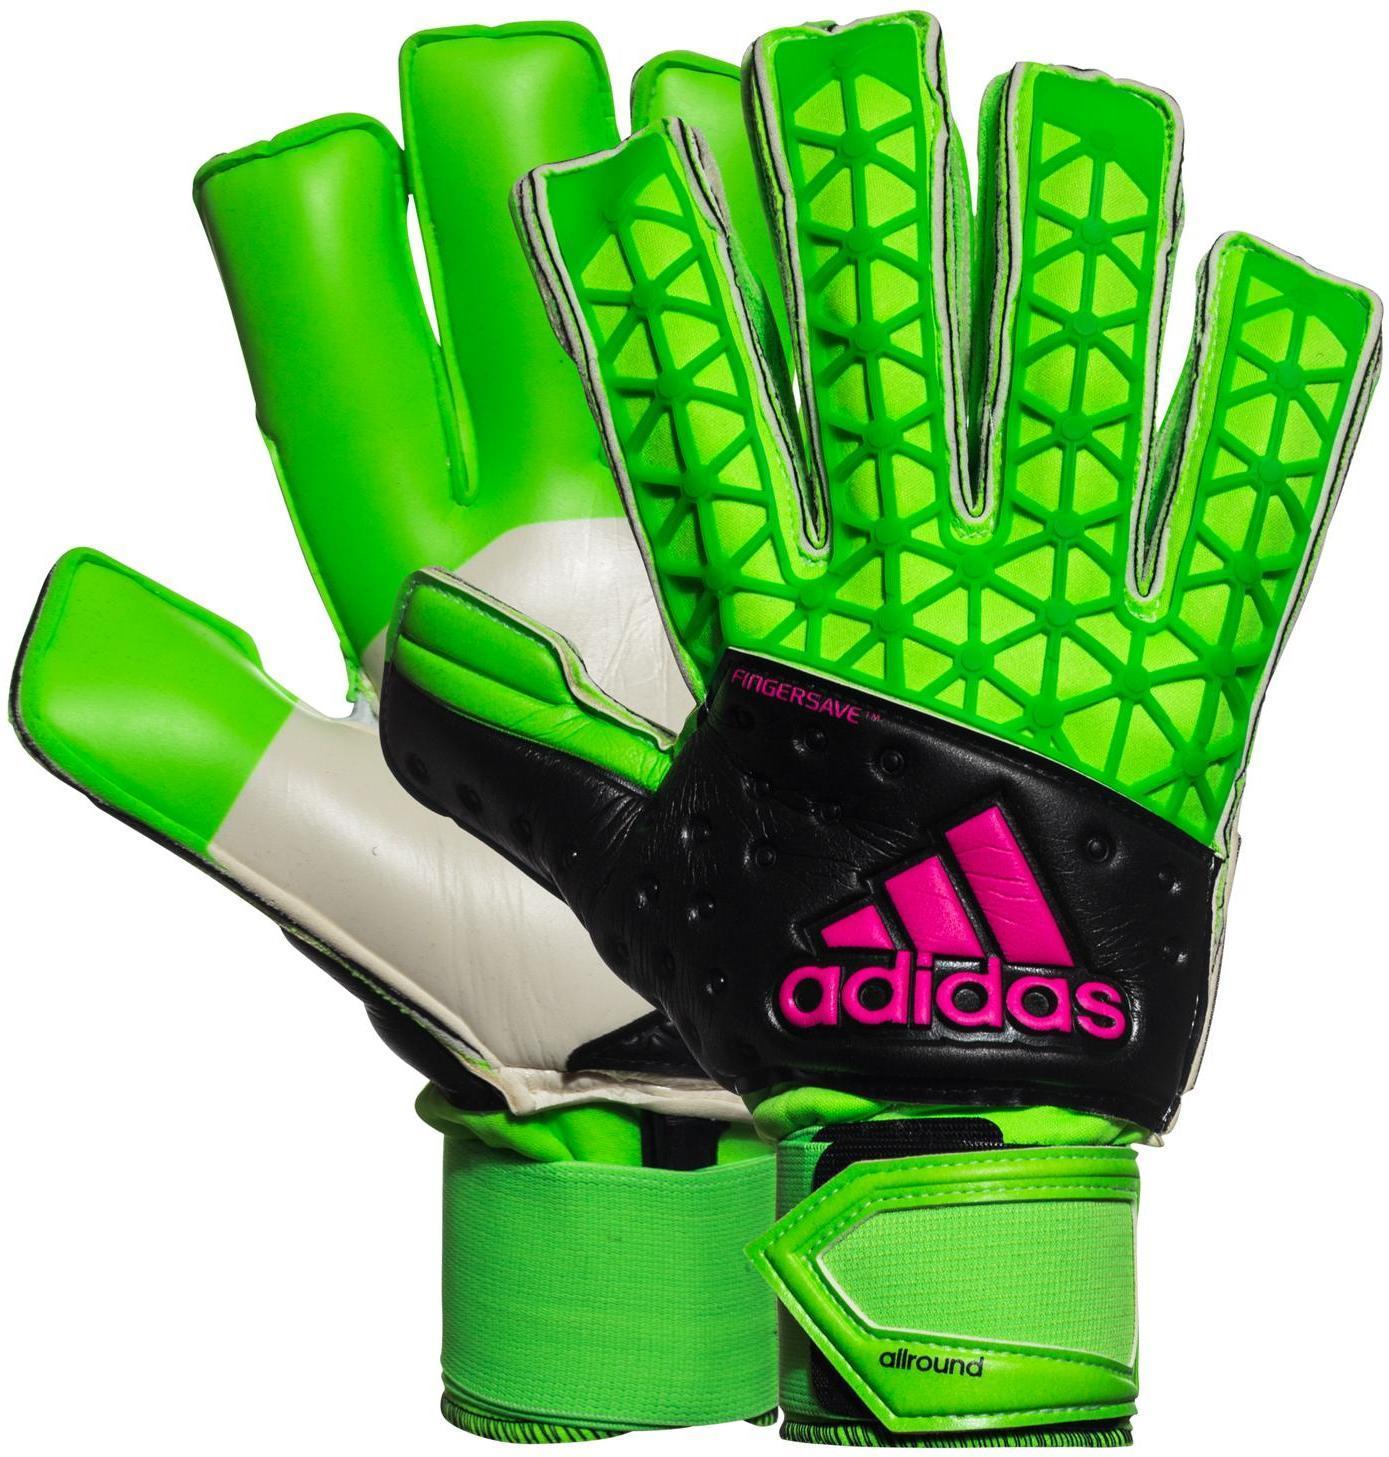 f754ab24 Best pris på Adidas Ace Zones Allround Fingersave - Se priser før kjøp i  Prisguiden